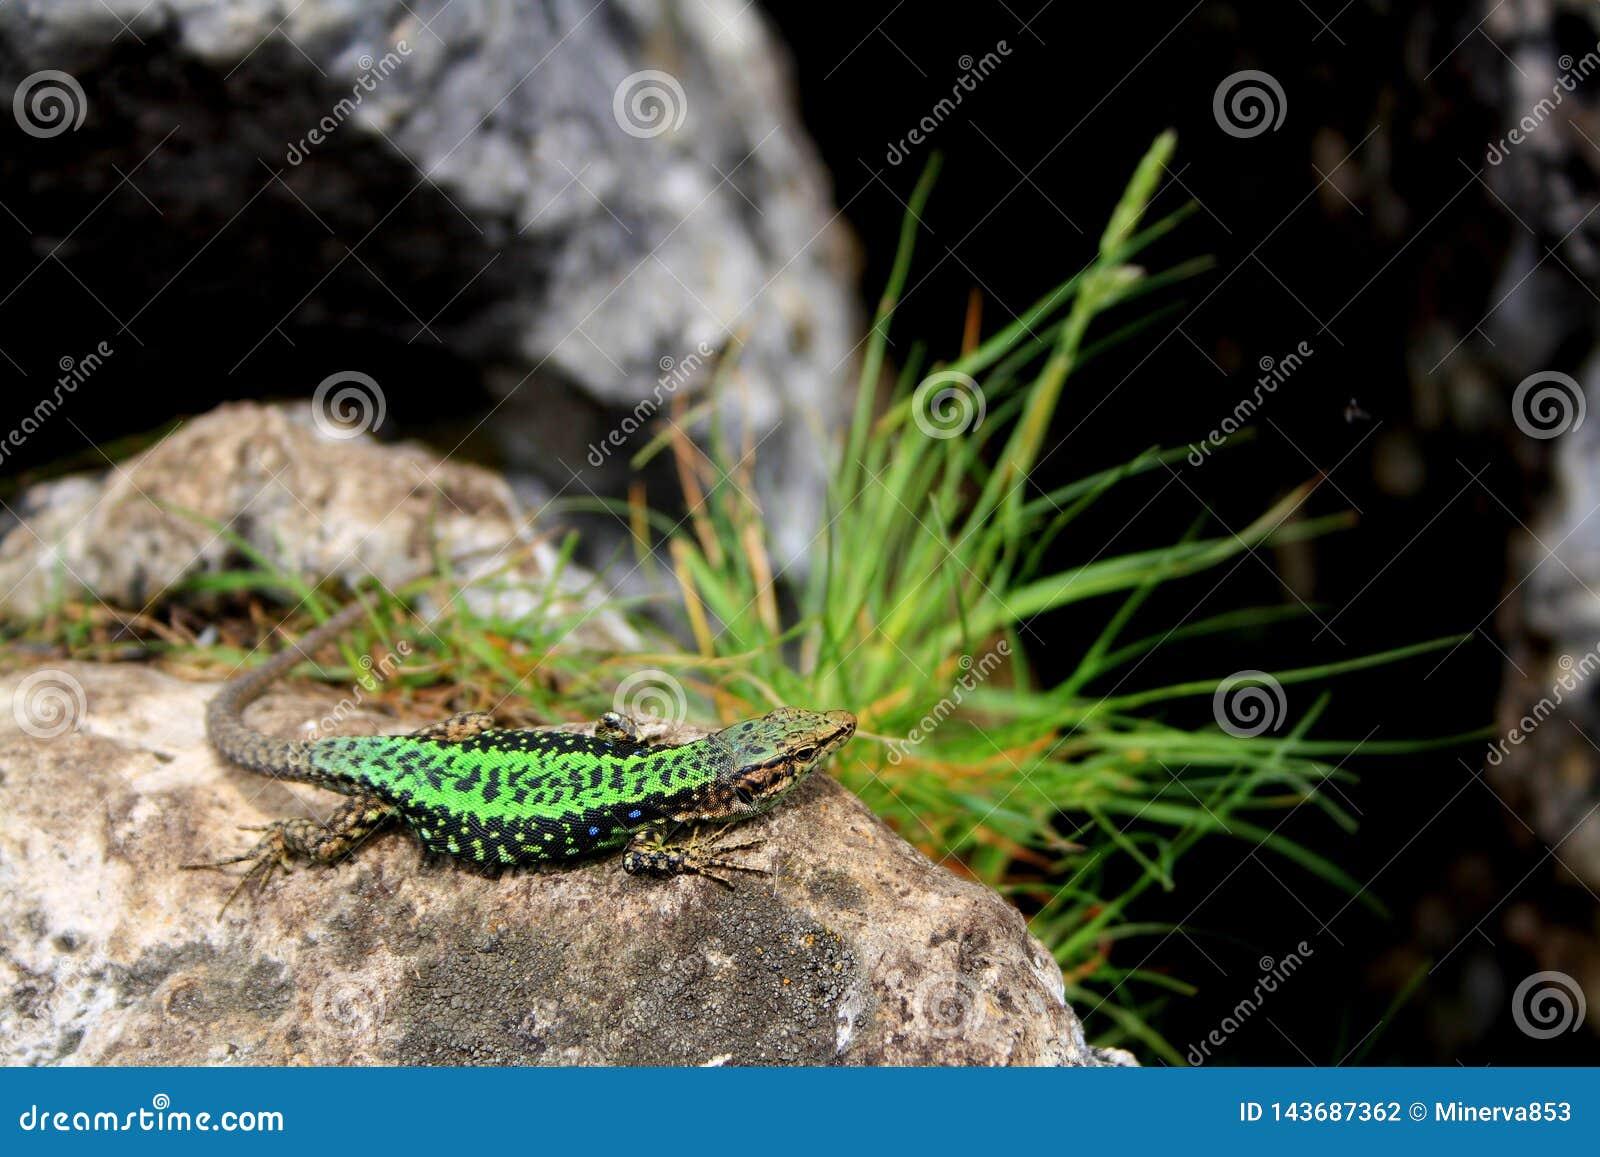 Troszkę zielona jaszczurka na kamieniu z trawą na krawędzi falezy